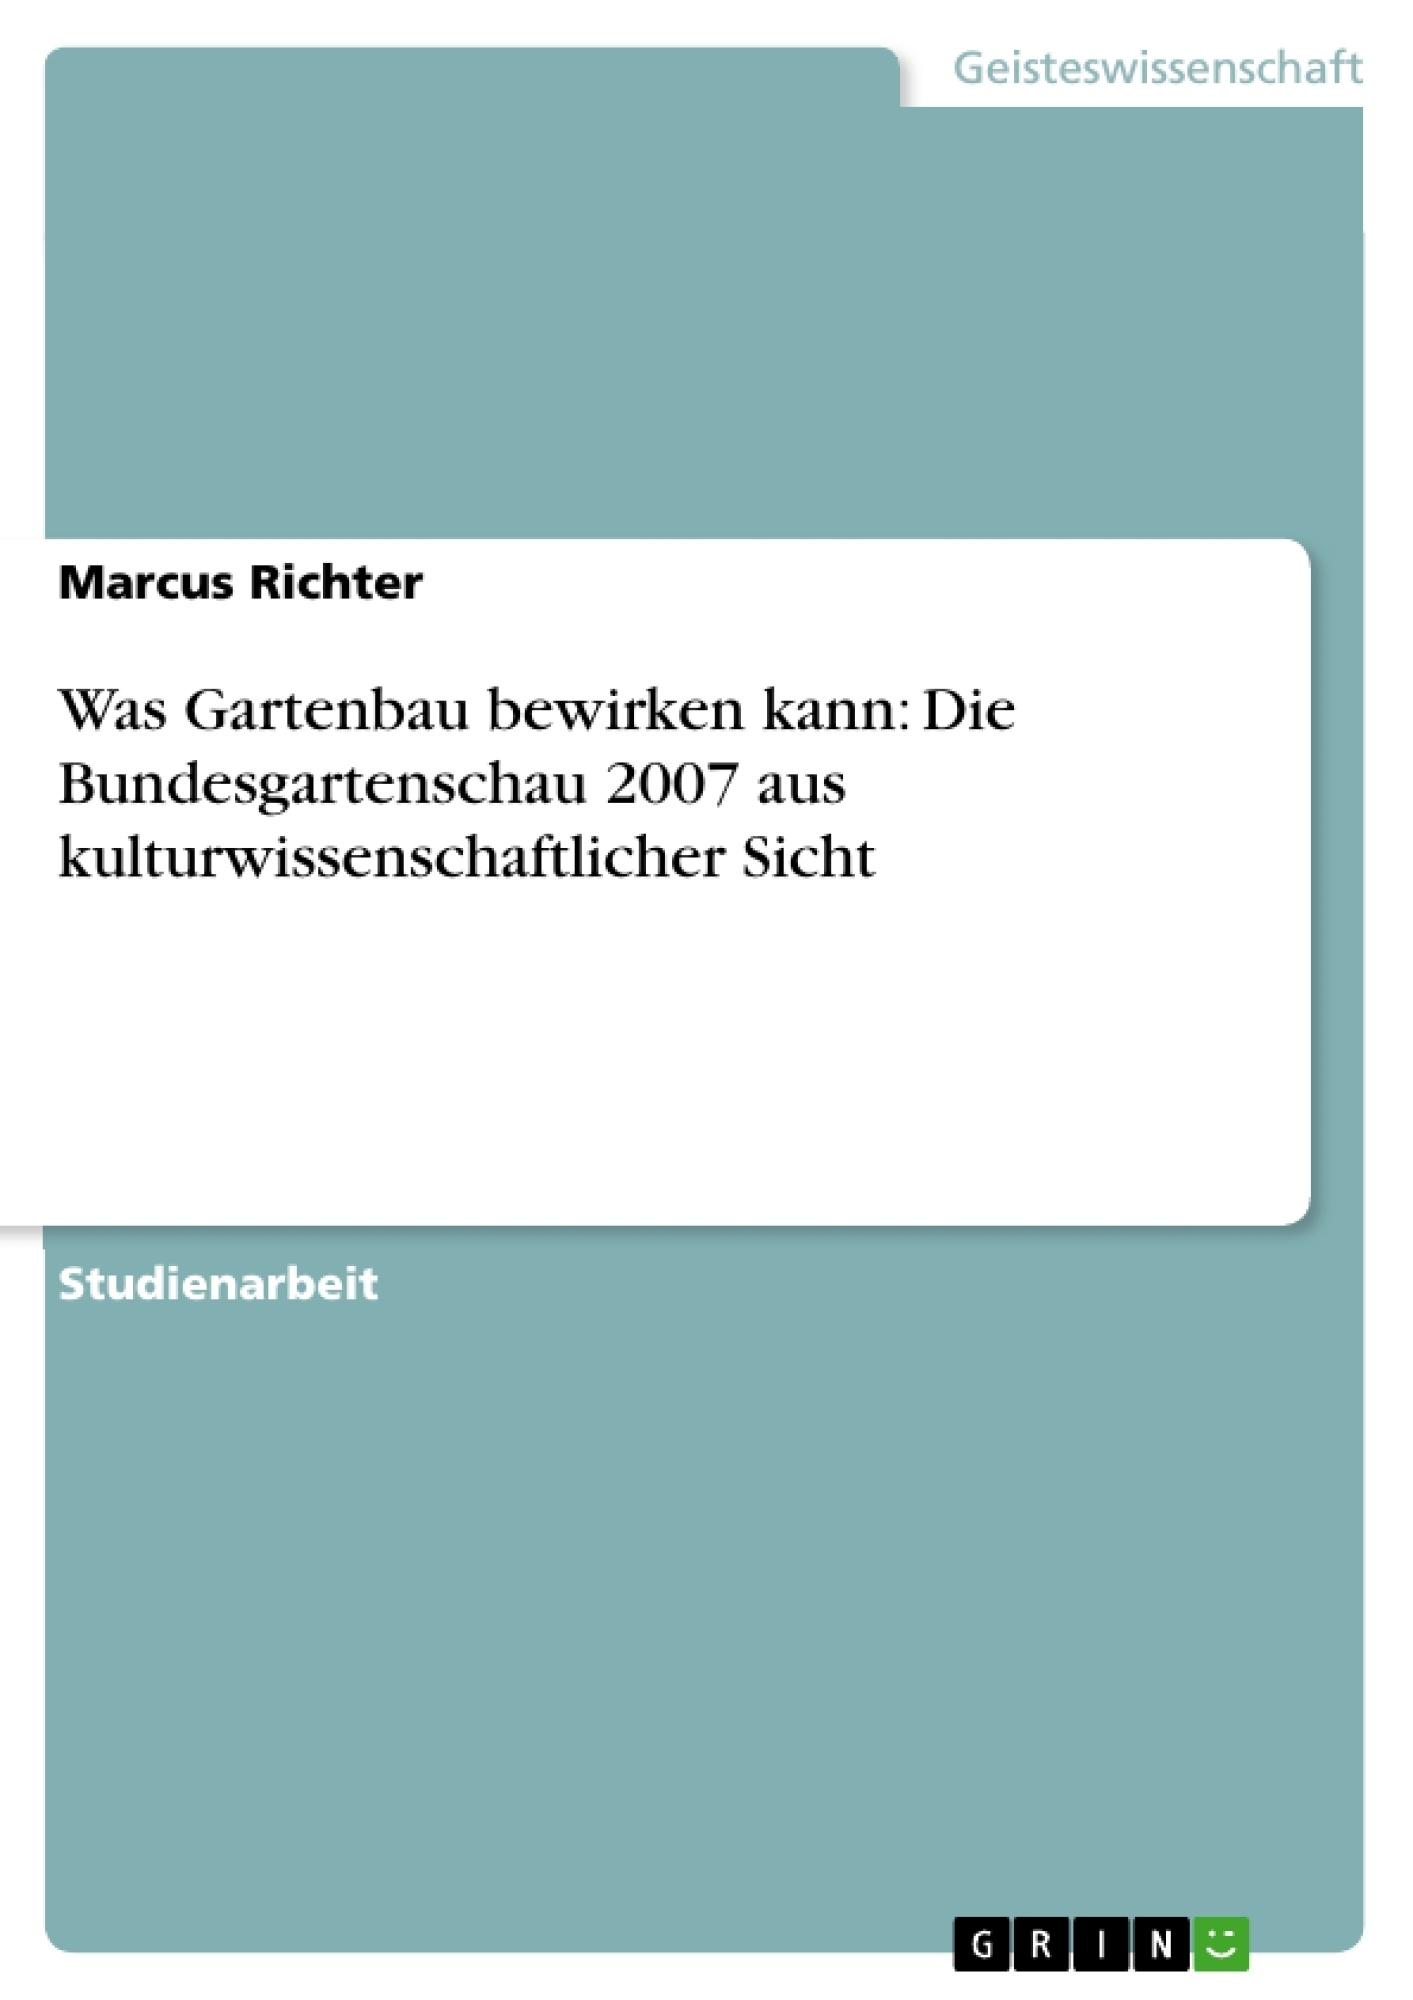 Titel: Was Gartenbau bewirken kann: Die Bundesgartenschau 2007 aus kulturwissenschaftlicher Sicht